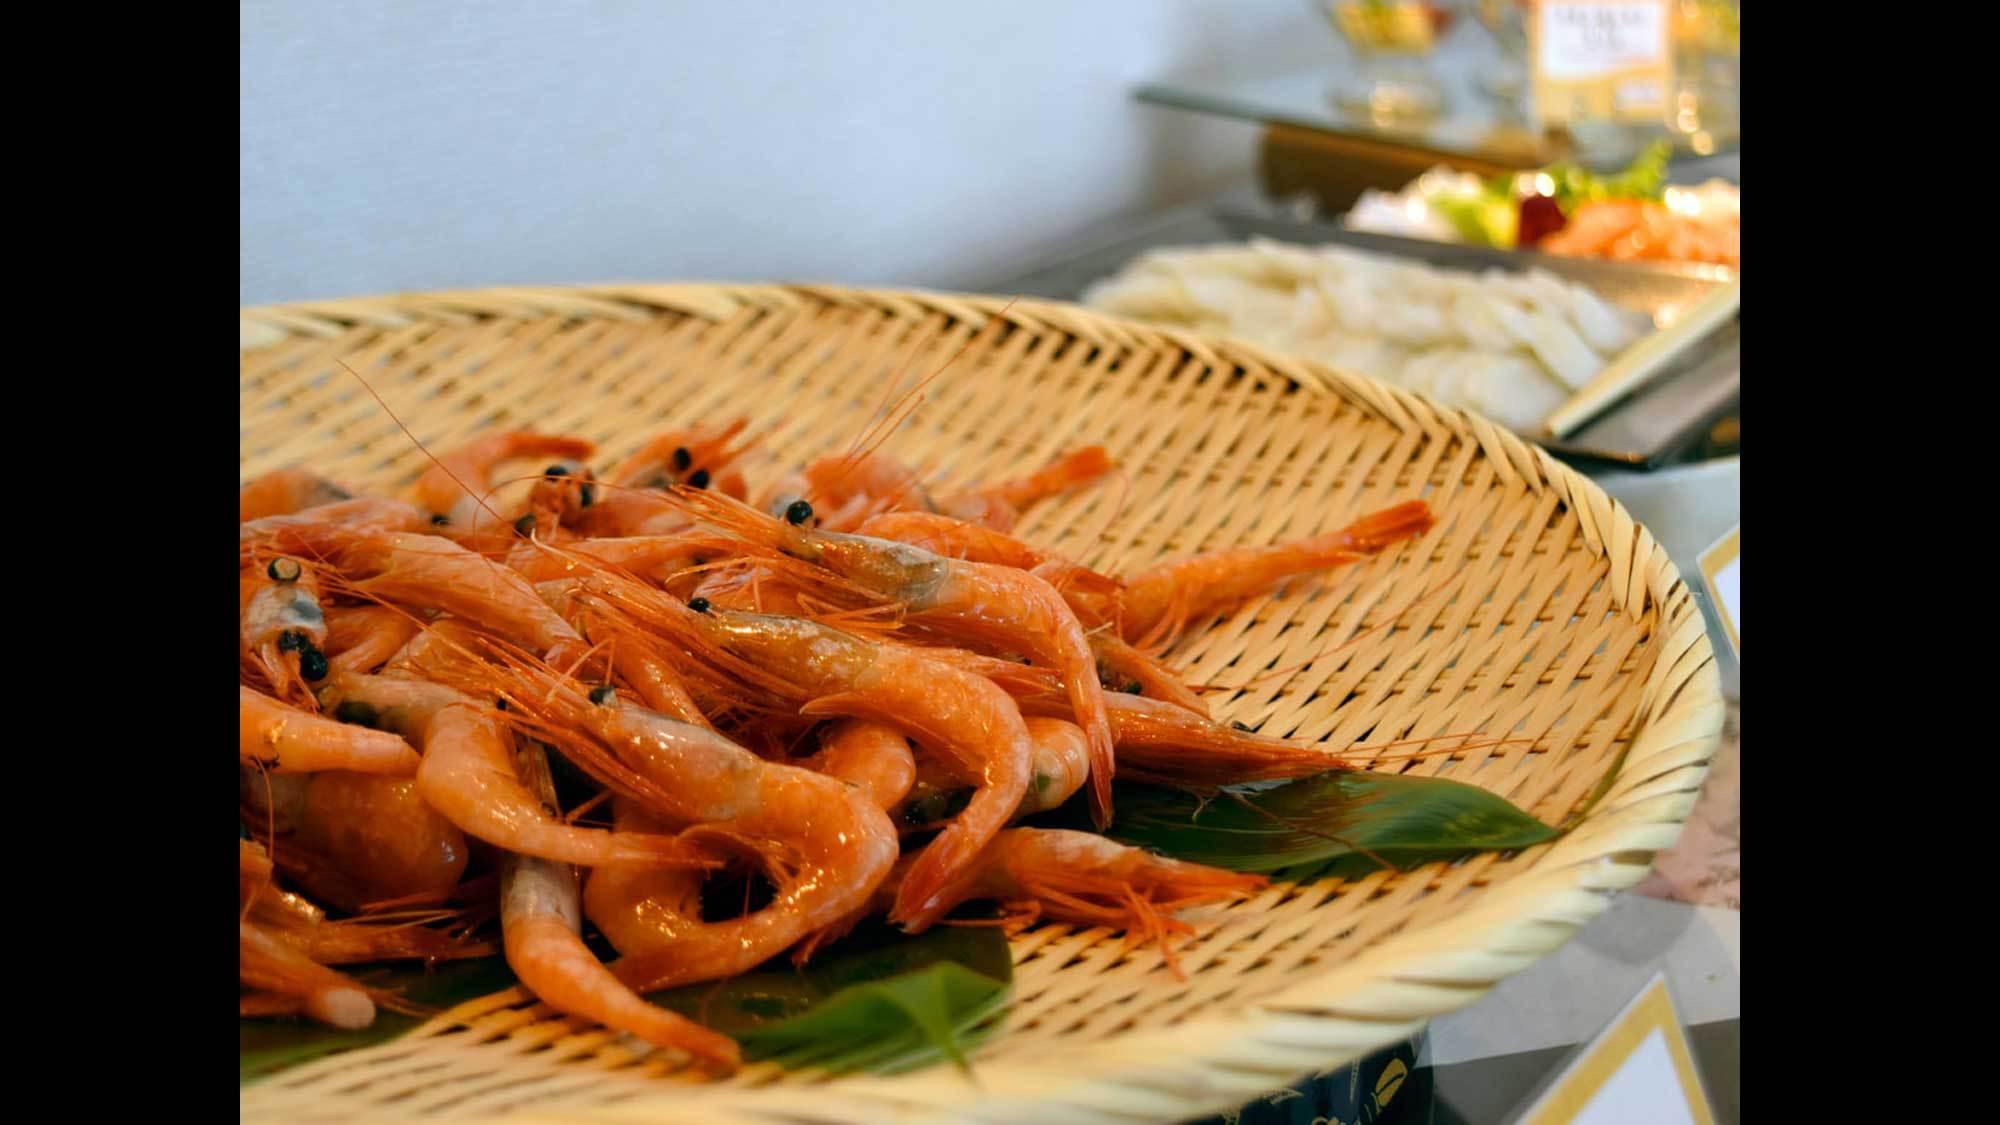 【夕食バイキング(夏季限定)】甘エビは身が柔らかく、独特の甘みがあります。